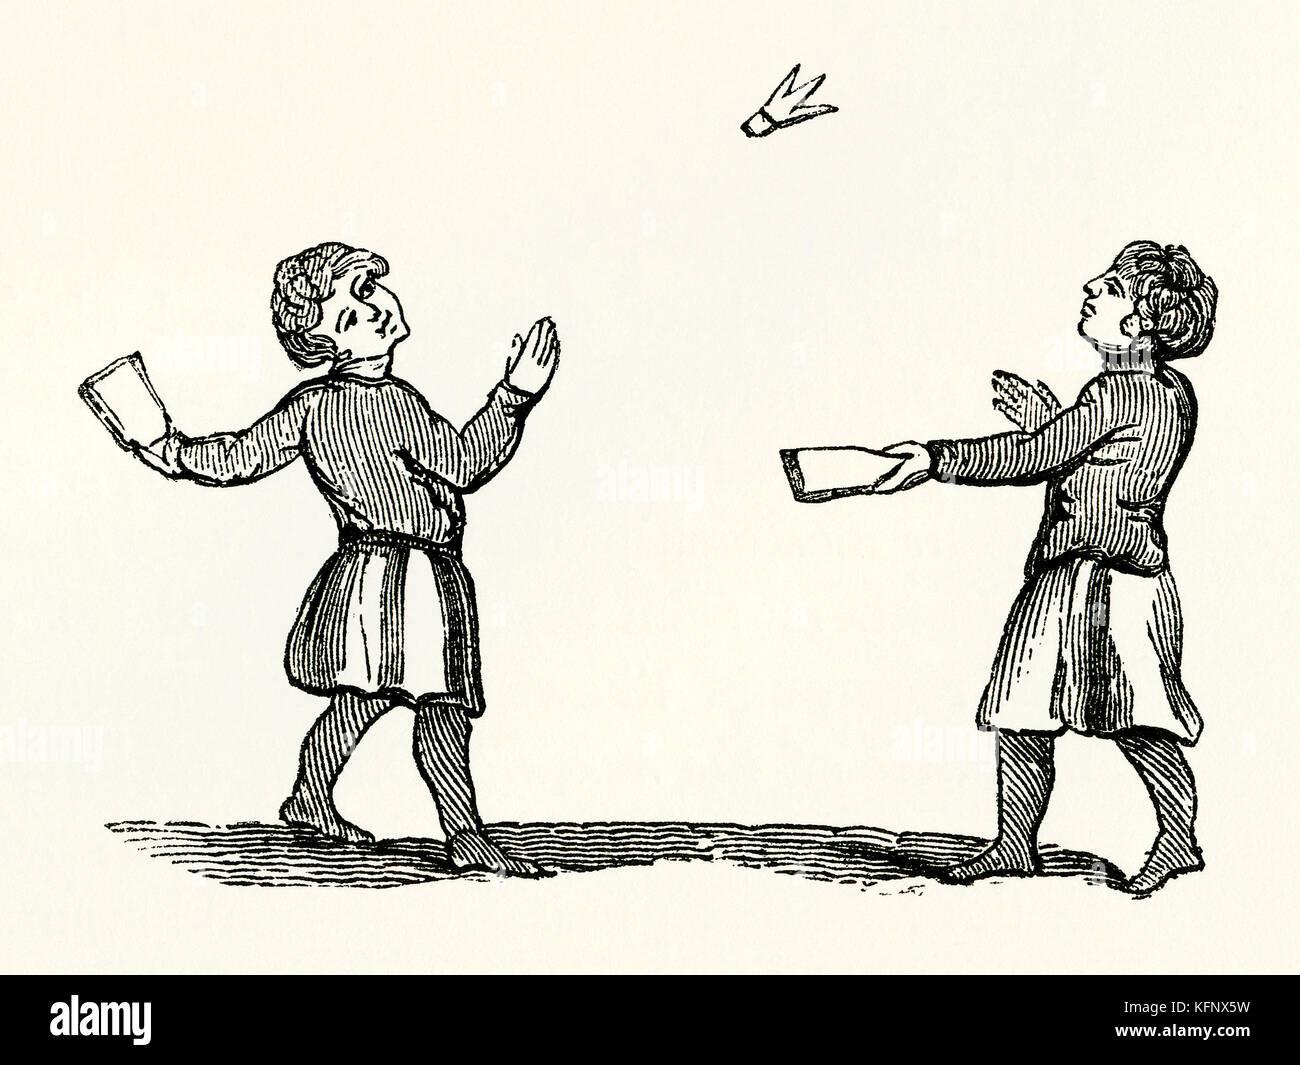 Une vieille gravure médiévale de battledore et volant, ou jeu de volant, un début de jeu liées Photo Stock